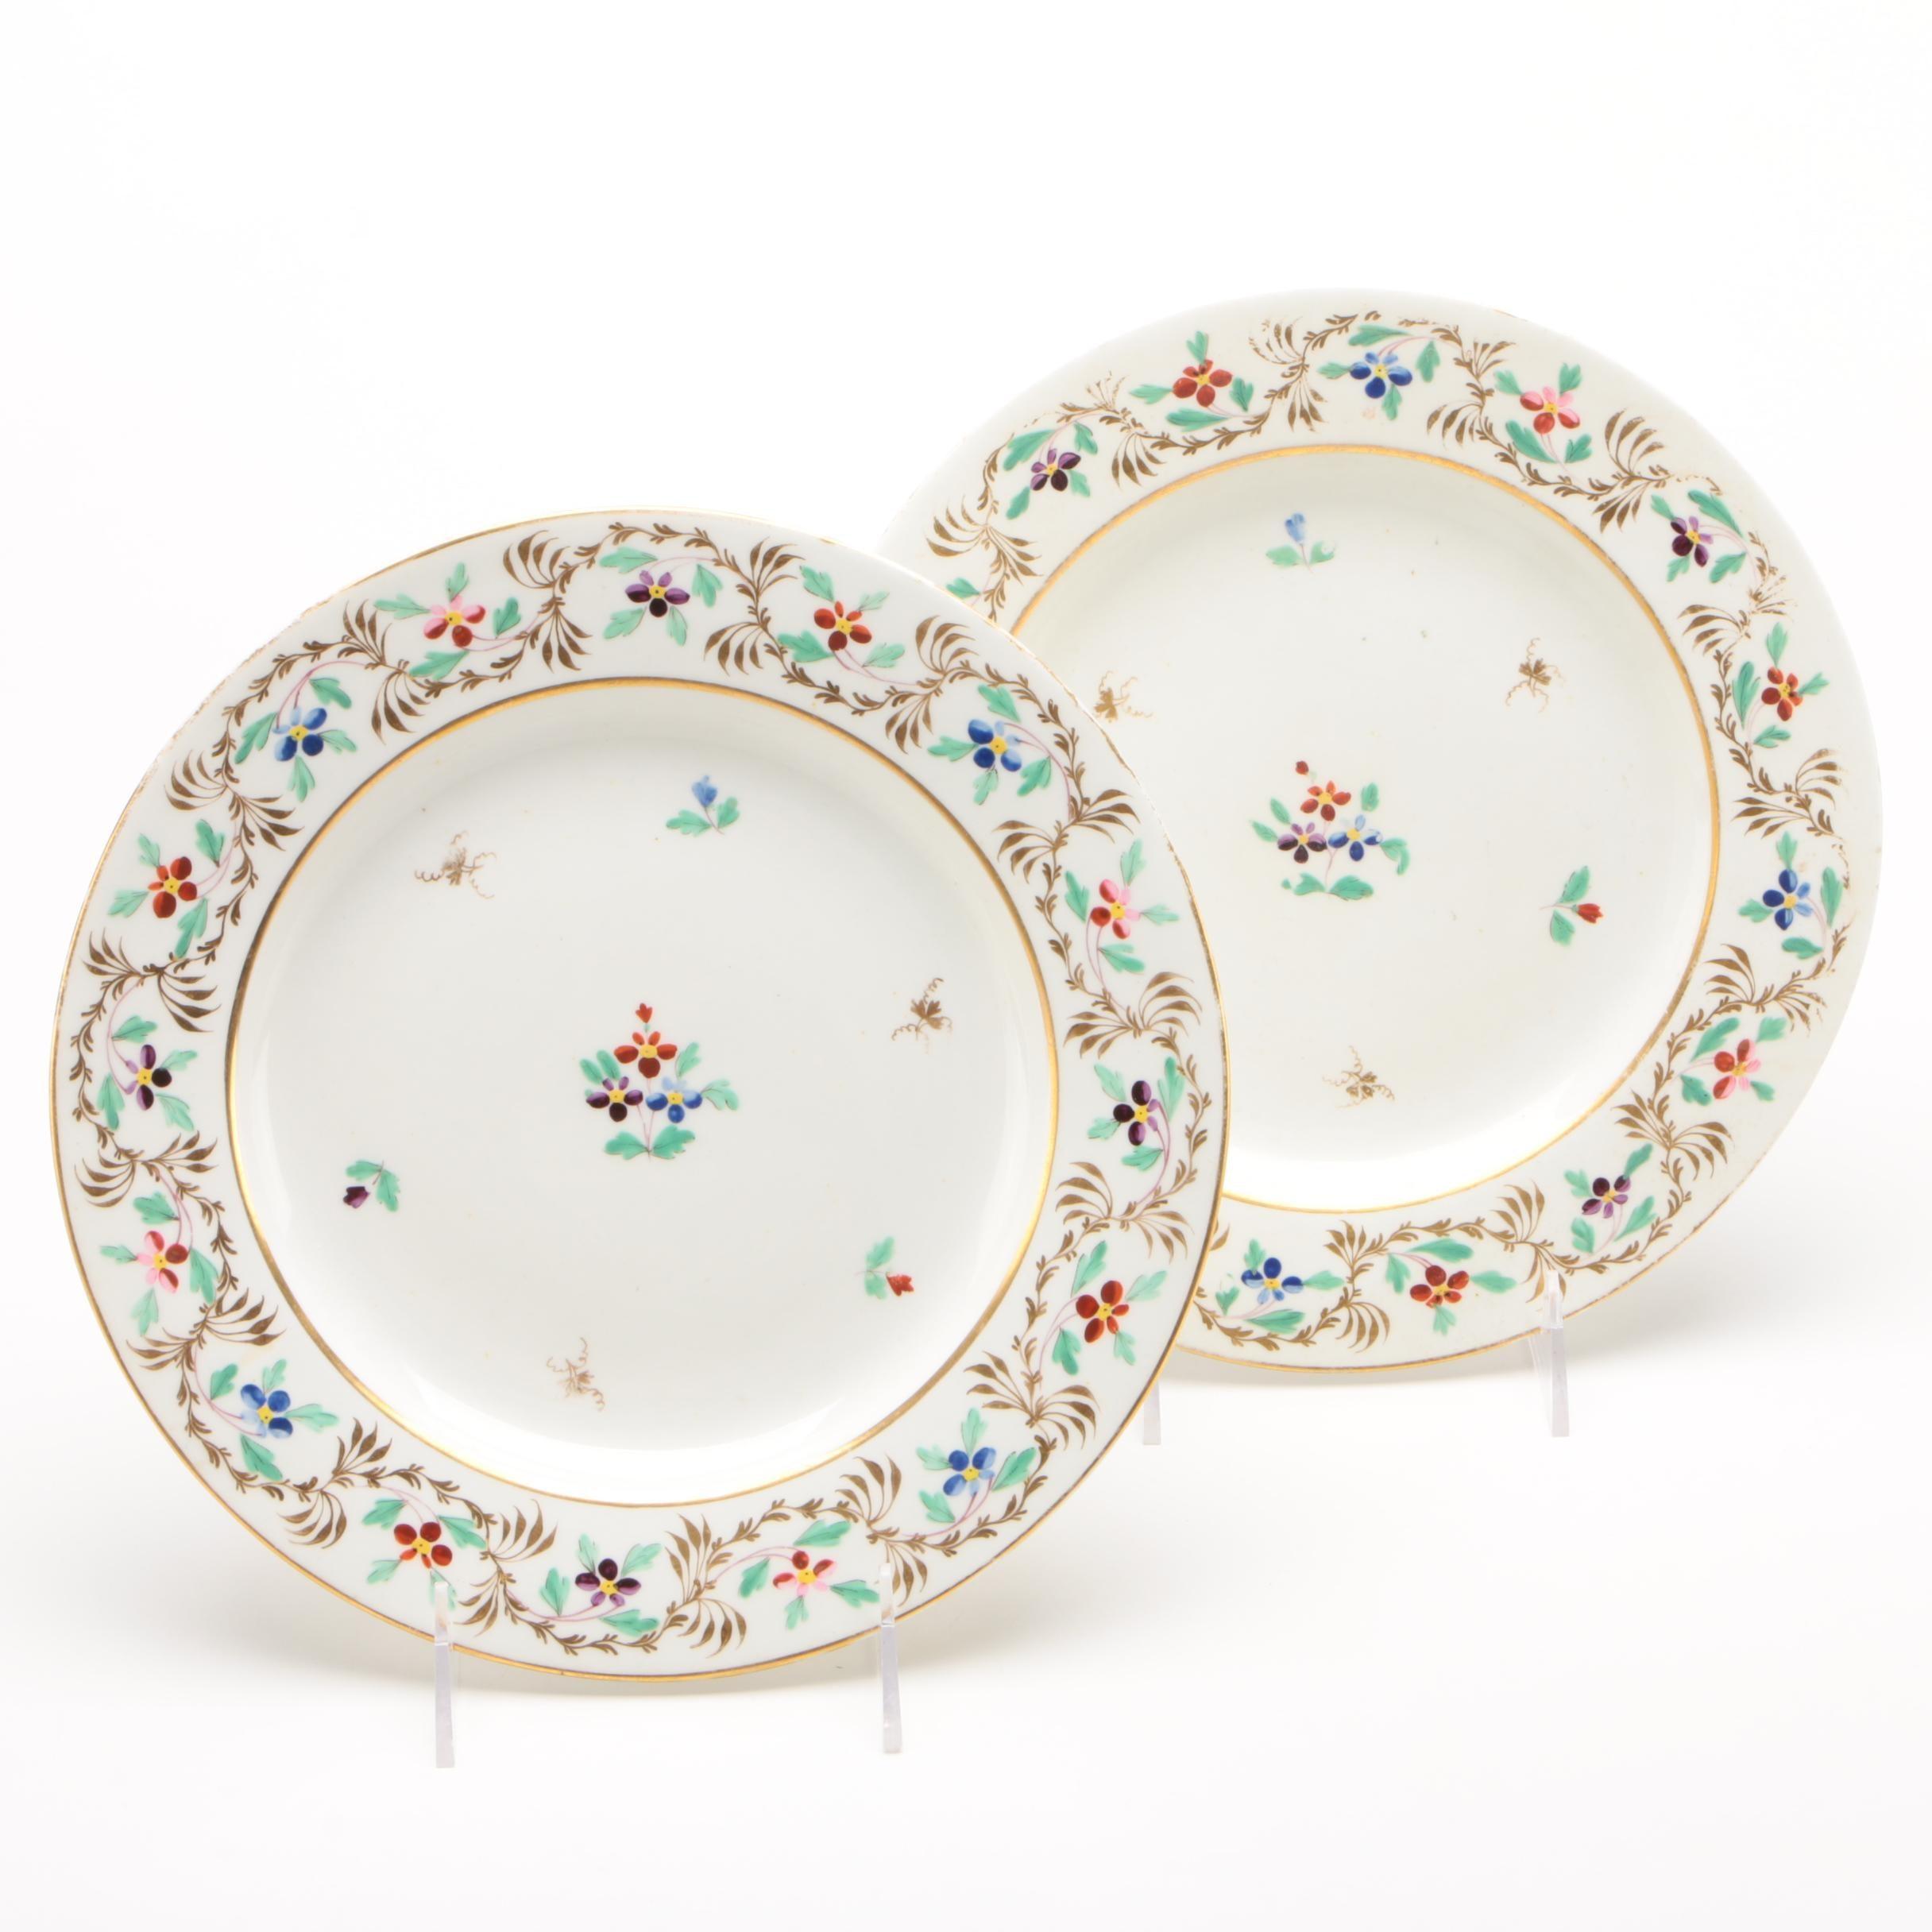 Derby Porcelain Plates, 1806-1825